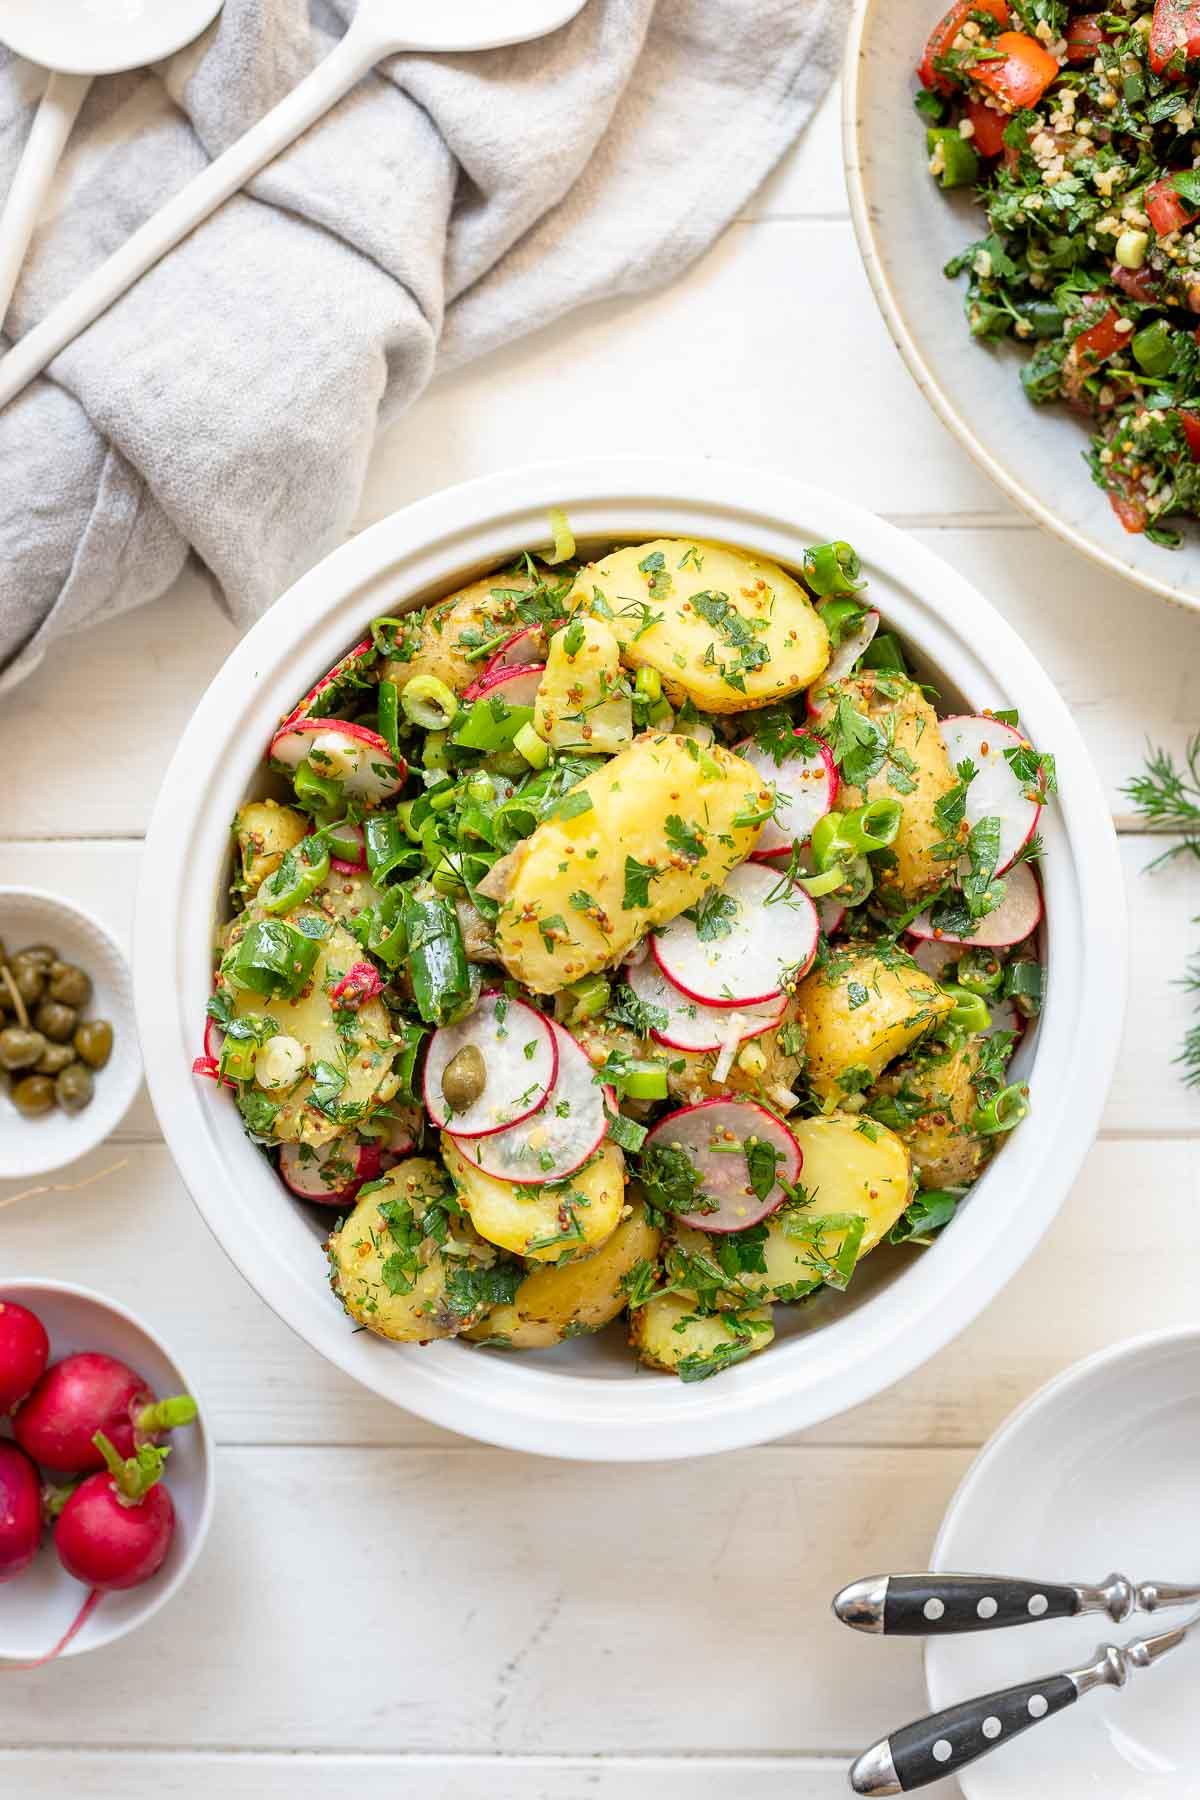 Einfacher Kartoffelsalat Rezept (ohne Mayo) mit Kraüter, Lauchzwiebeln und Radieschen